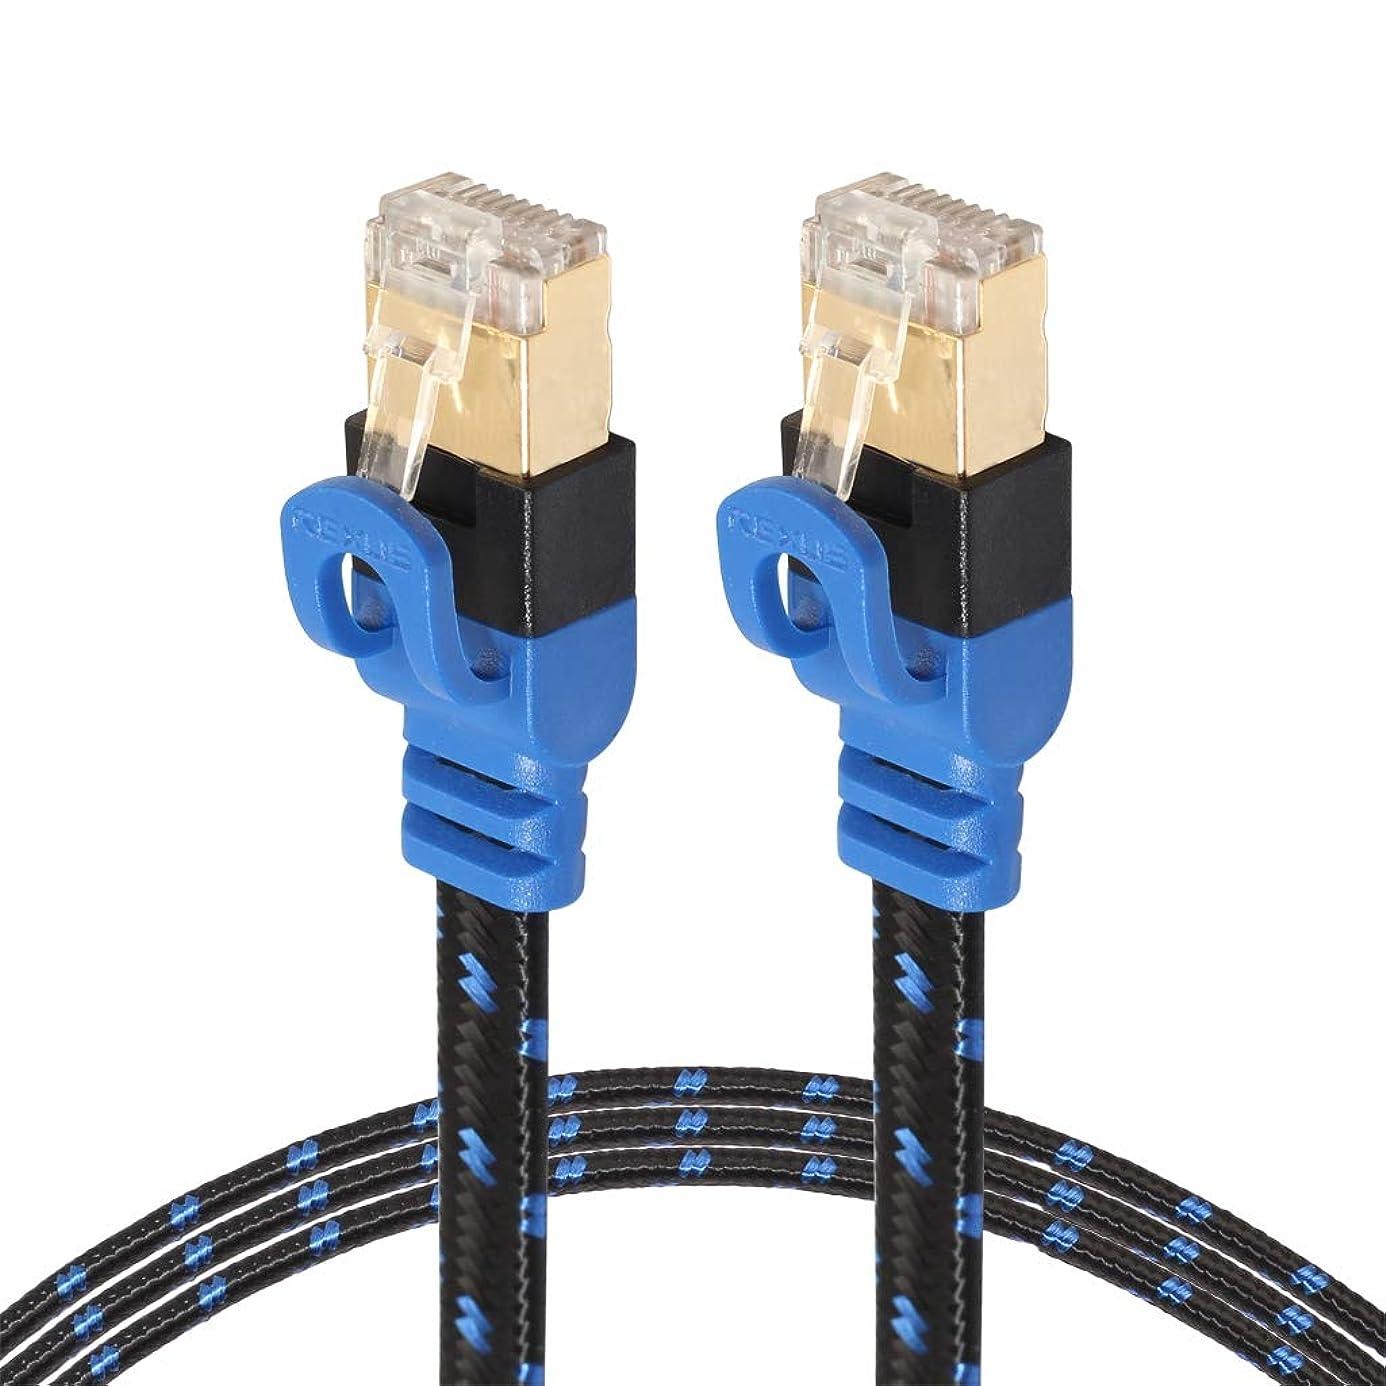 YWH Cable And Tools CAT7-2金メッキCAT7フラットイーサネット10ギガビット2色編組ネットワークLANケーブル、モデムルーターLANネットワーク用、シールド付きRJ45コネクタ付き、長さ:10m